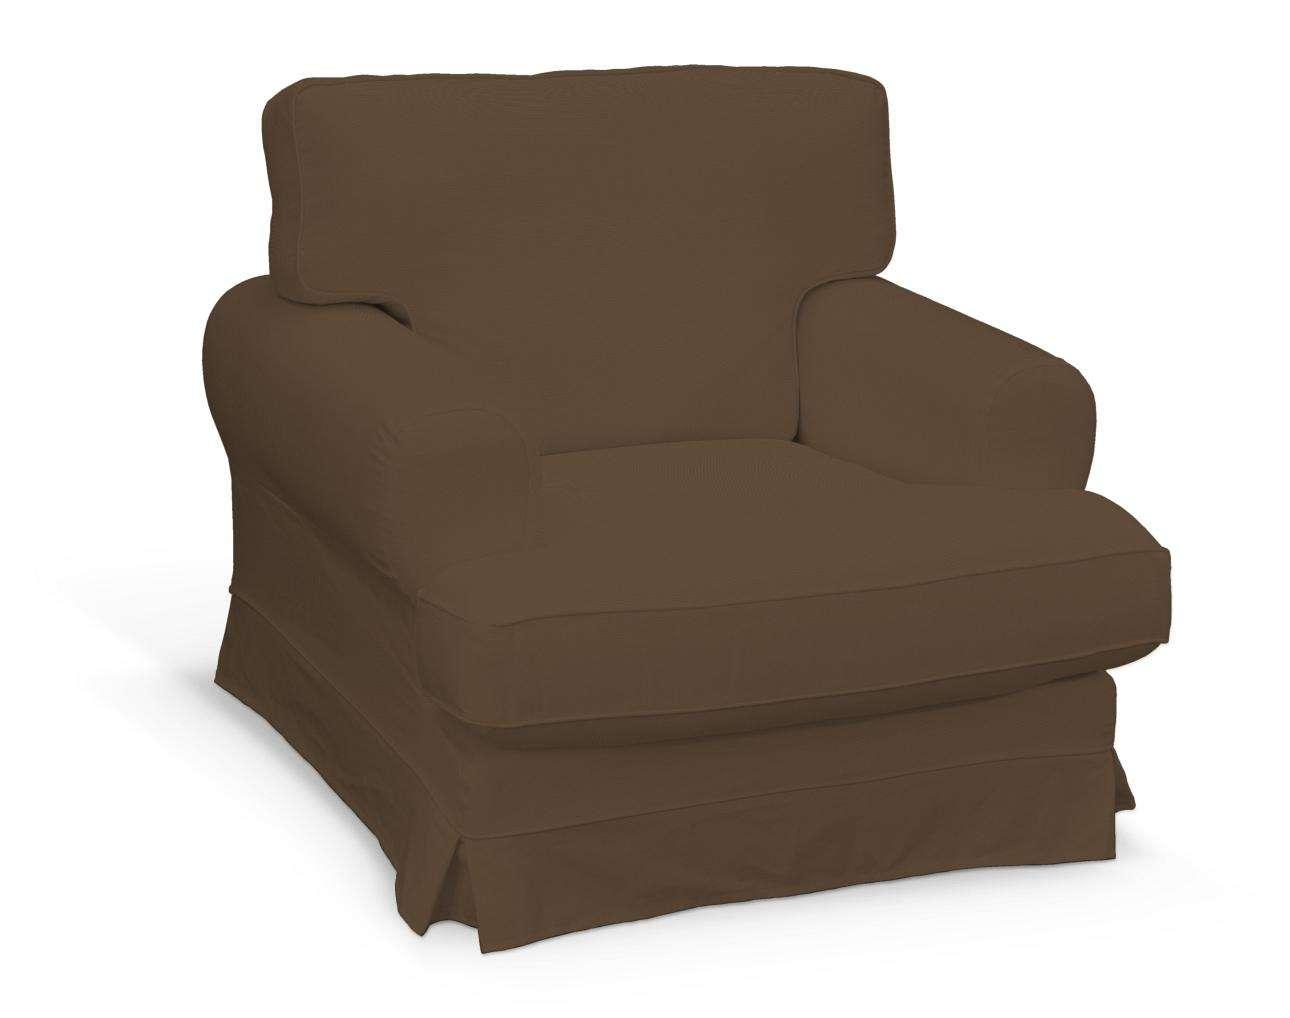 Pokrowiec na fotel Ekeskog Fotel Ekeskog w kolekcji Cotton Panama, tkanina: 702-02